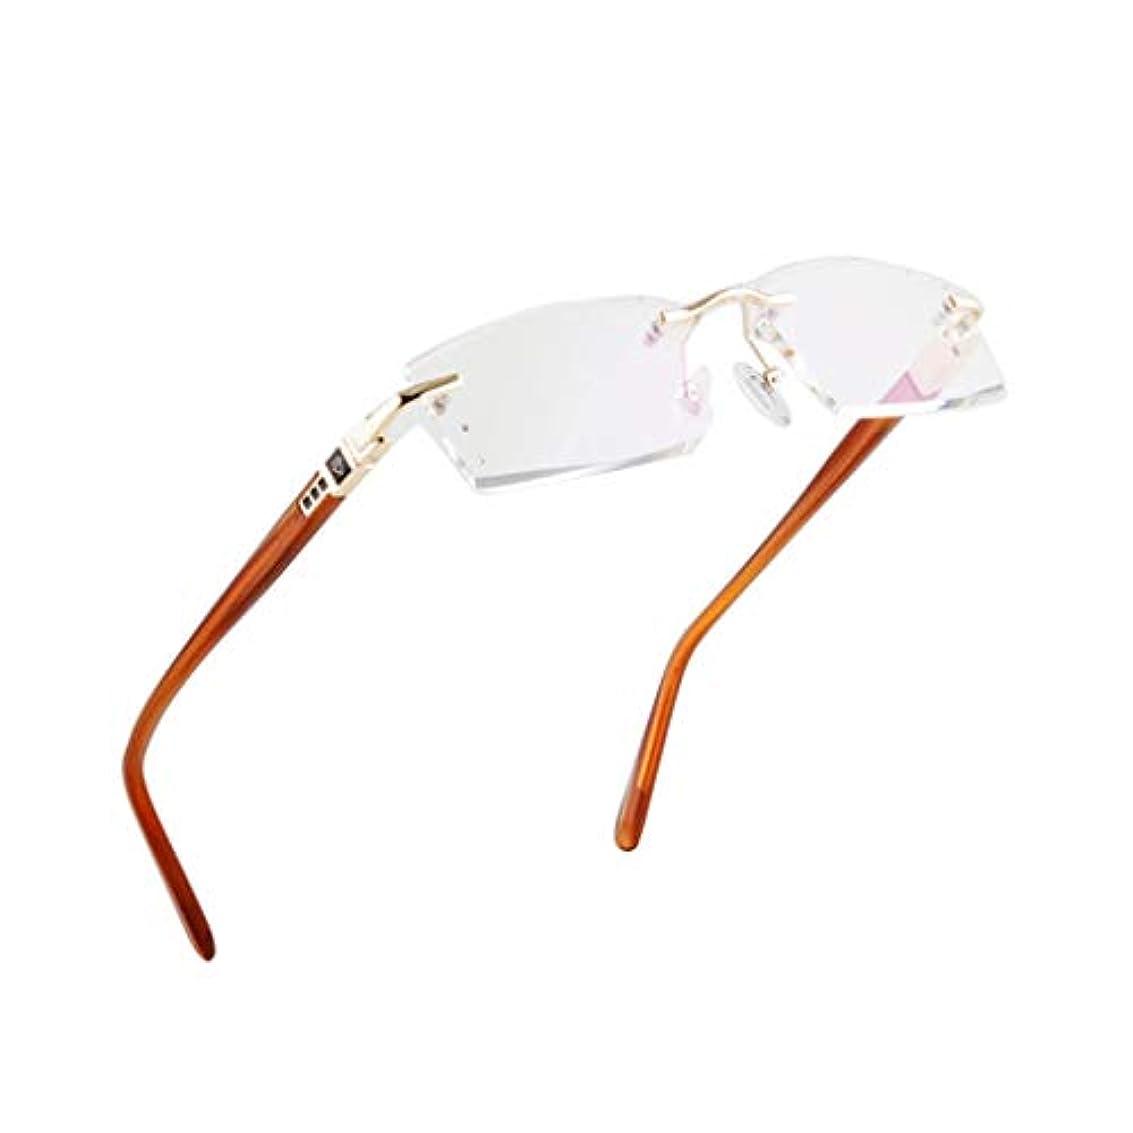 縁なしの老眼鏡、スーパーライトチタンアイウェアの男性女性の日曜日の読者の老眼鏡 - 年配者のためのよいギフト